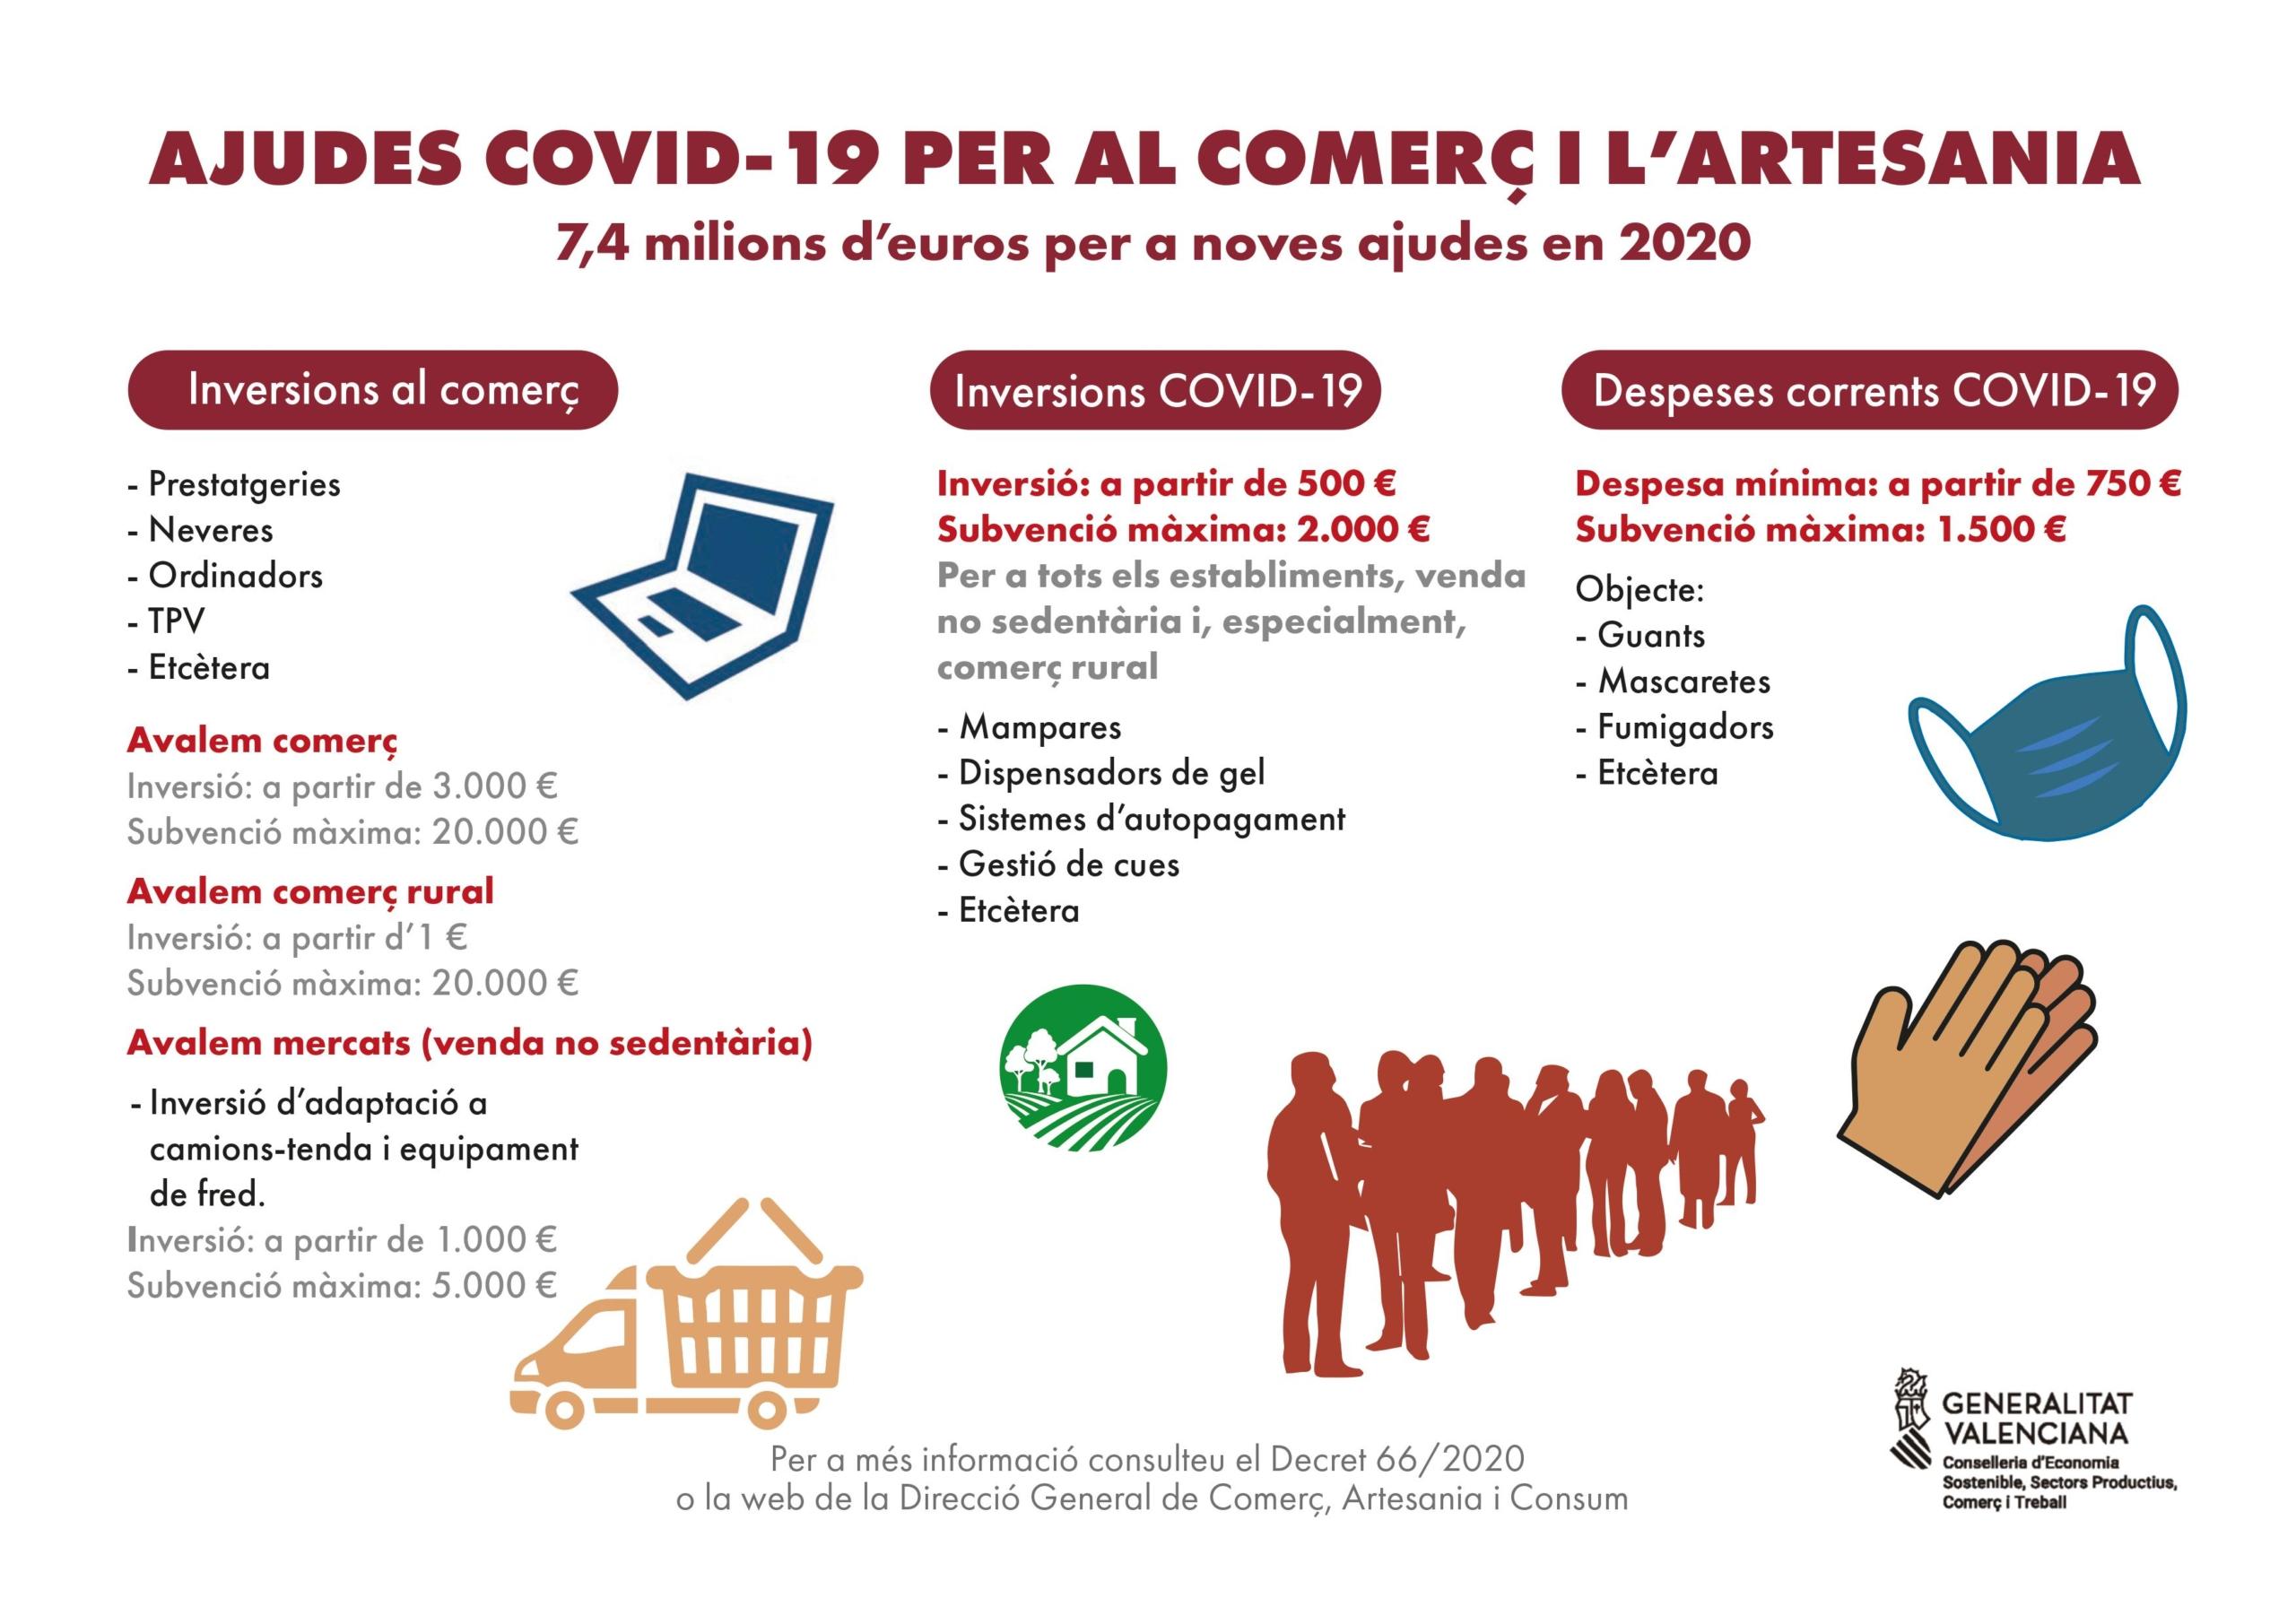 aYUDAS AL COMERCIO Y LA ARTESANIA DE LA gENERALITAT VALENCIANA